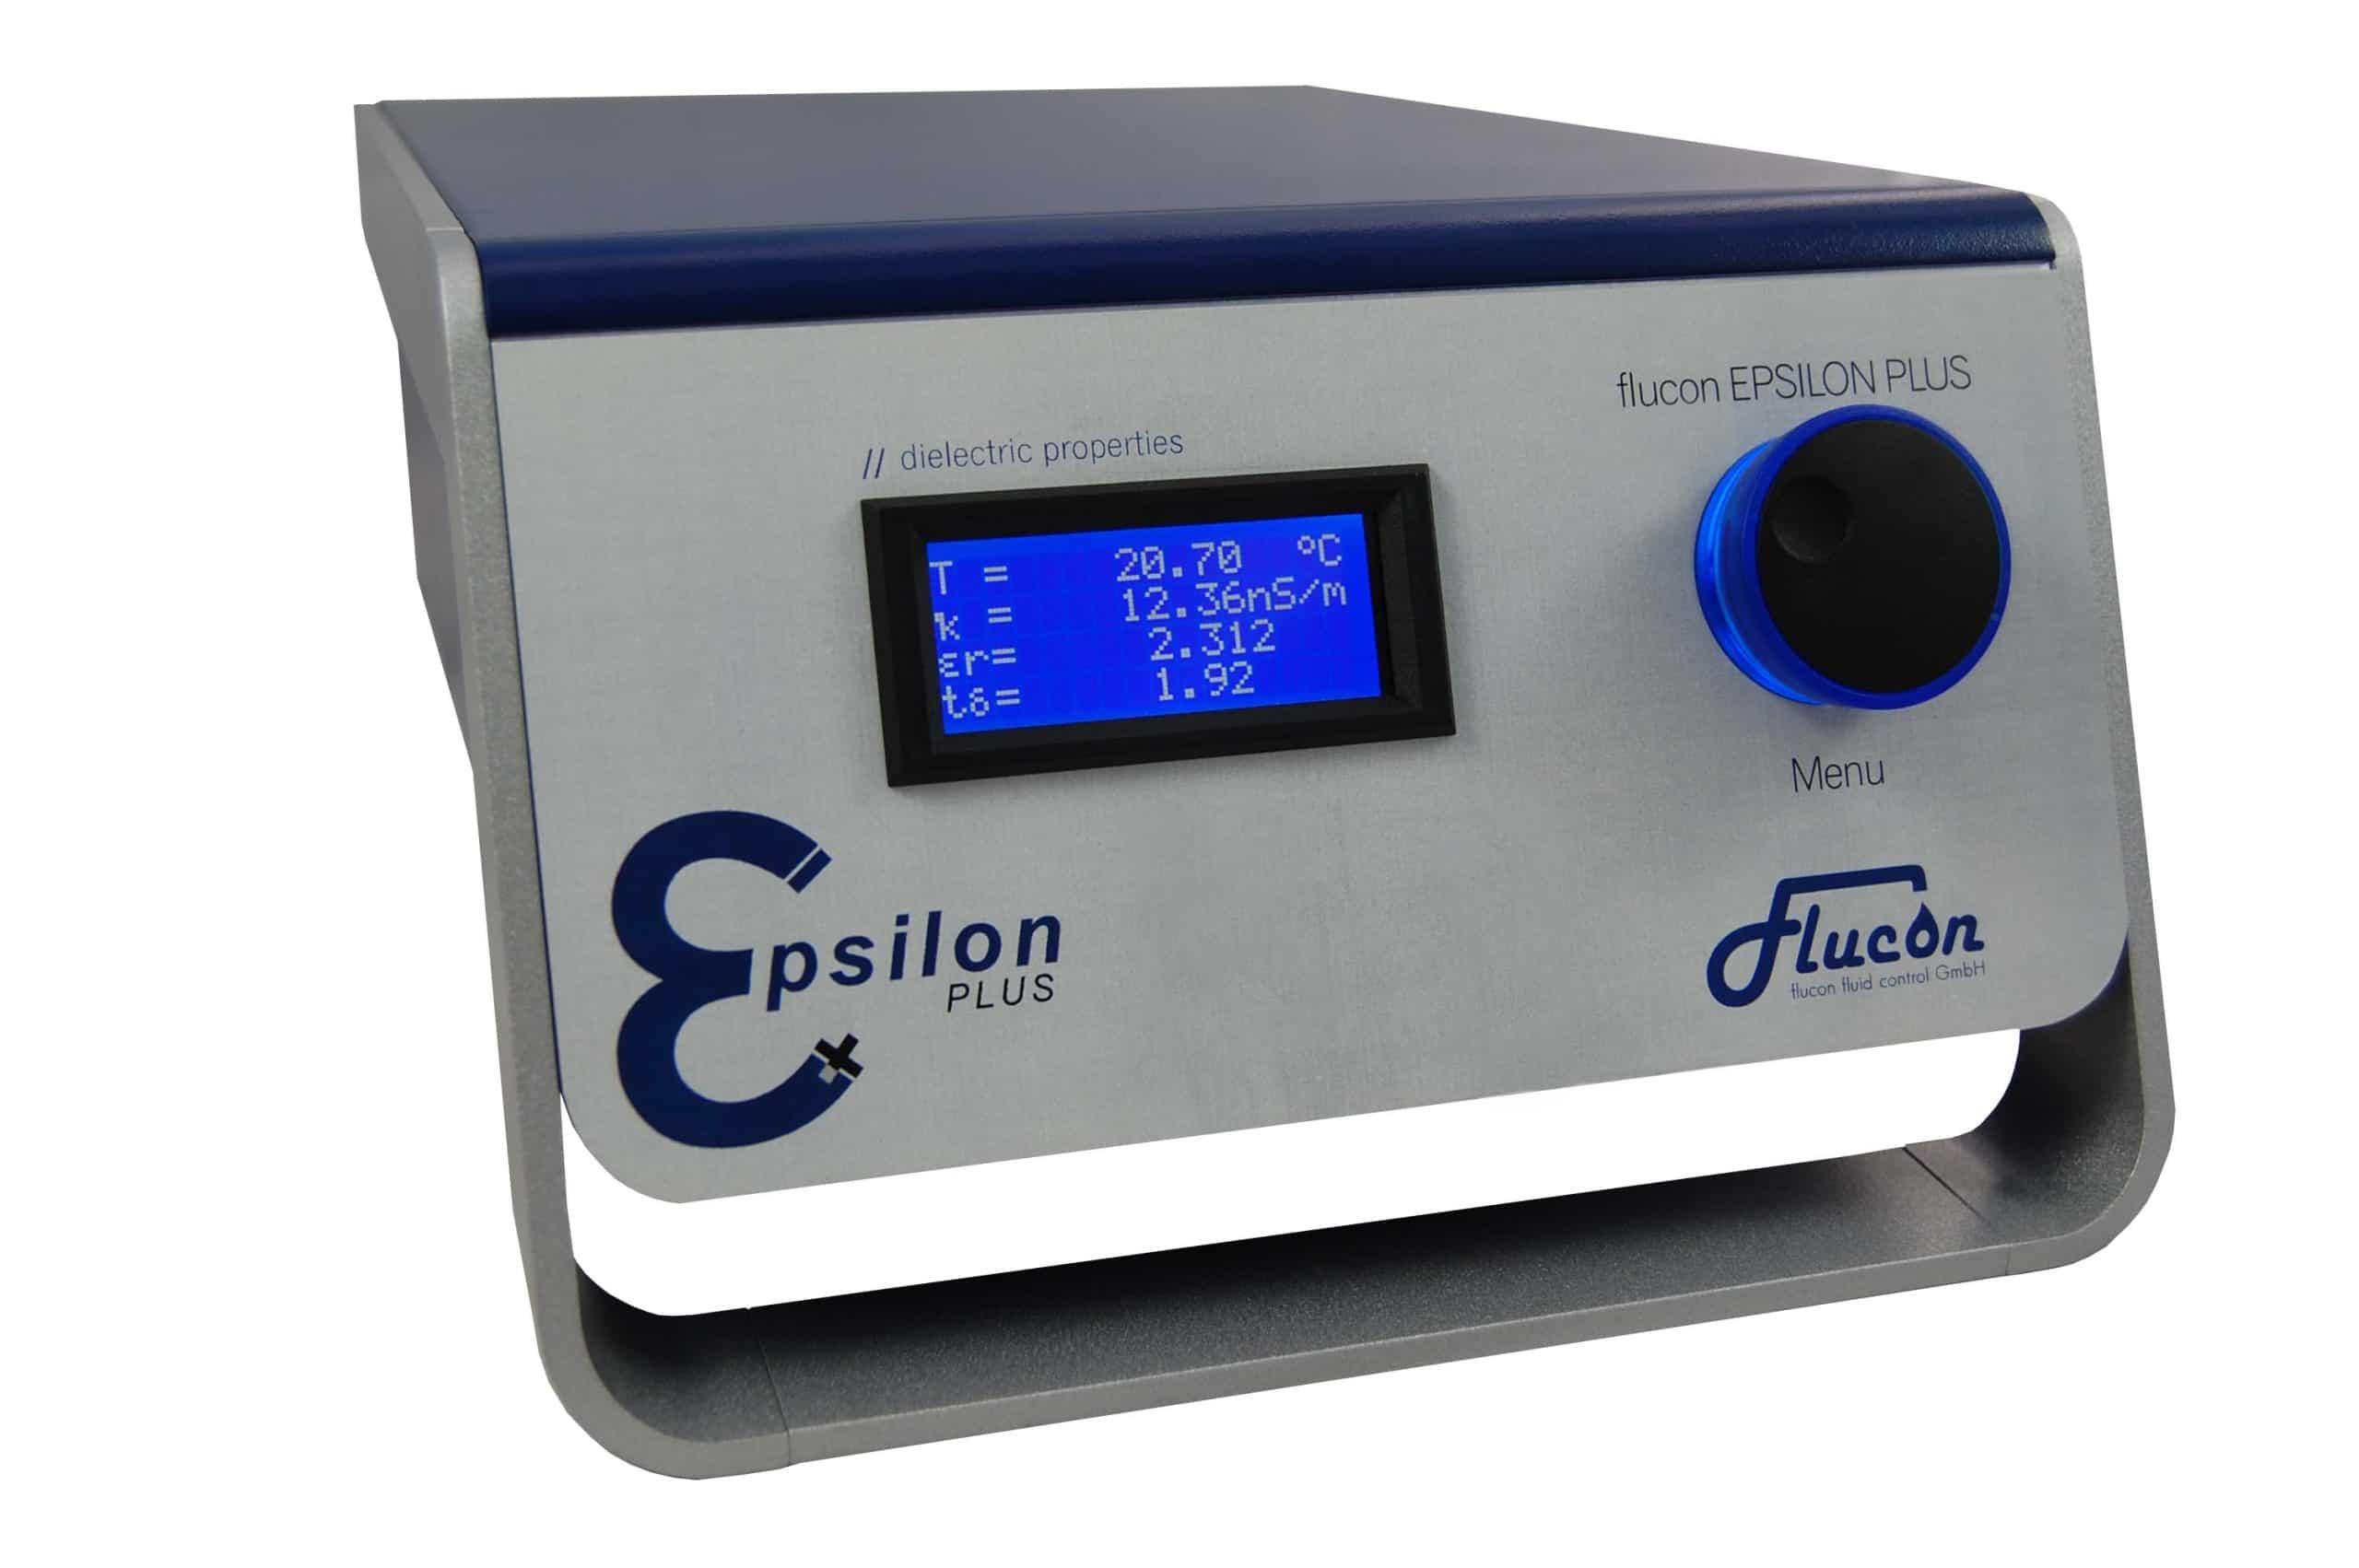 flucon EPSILON+